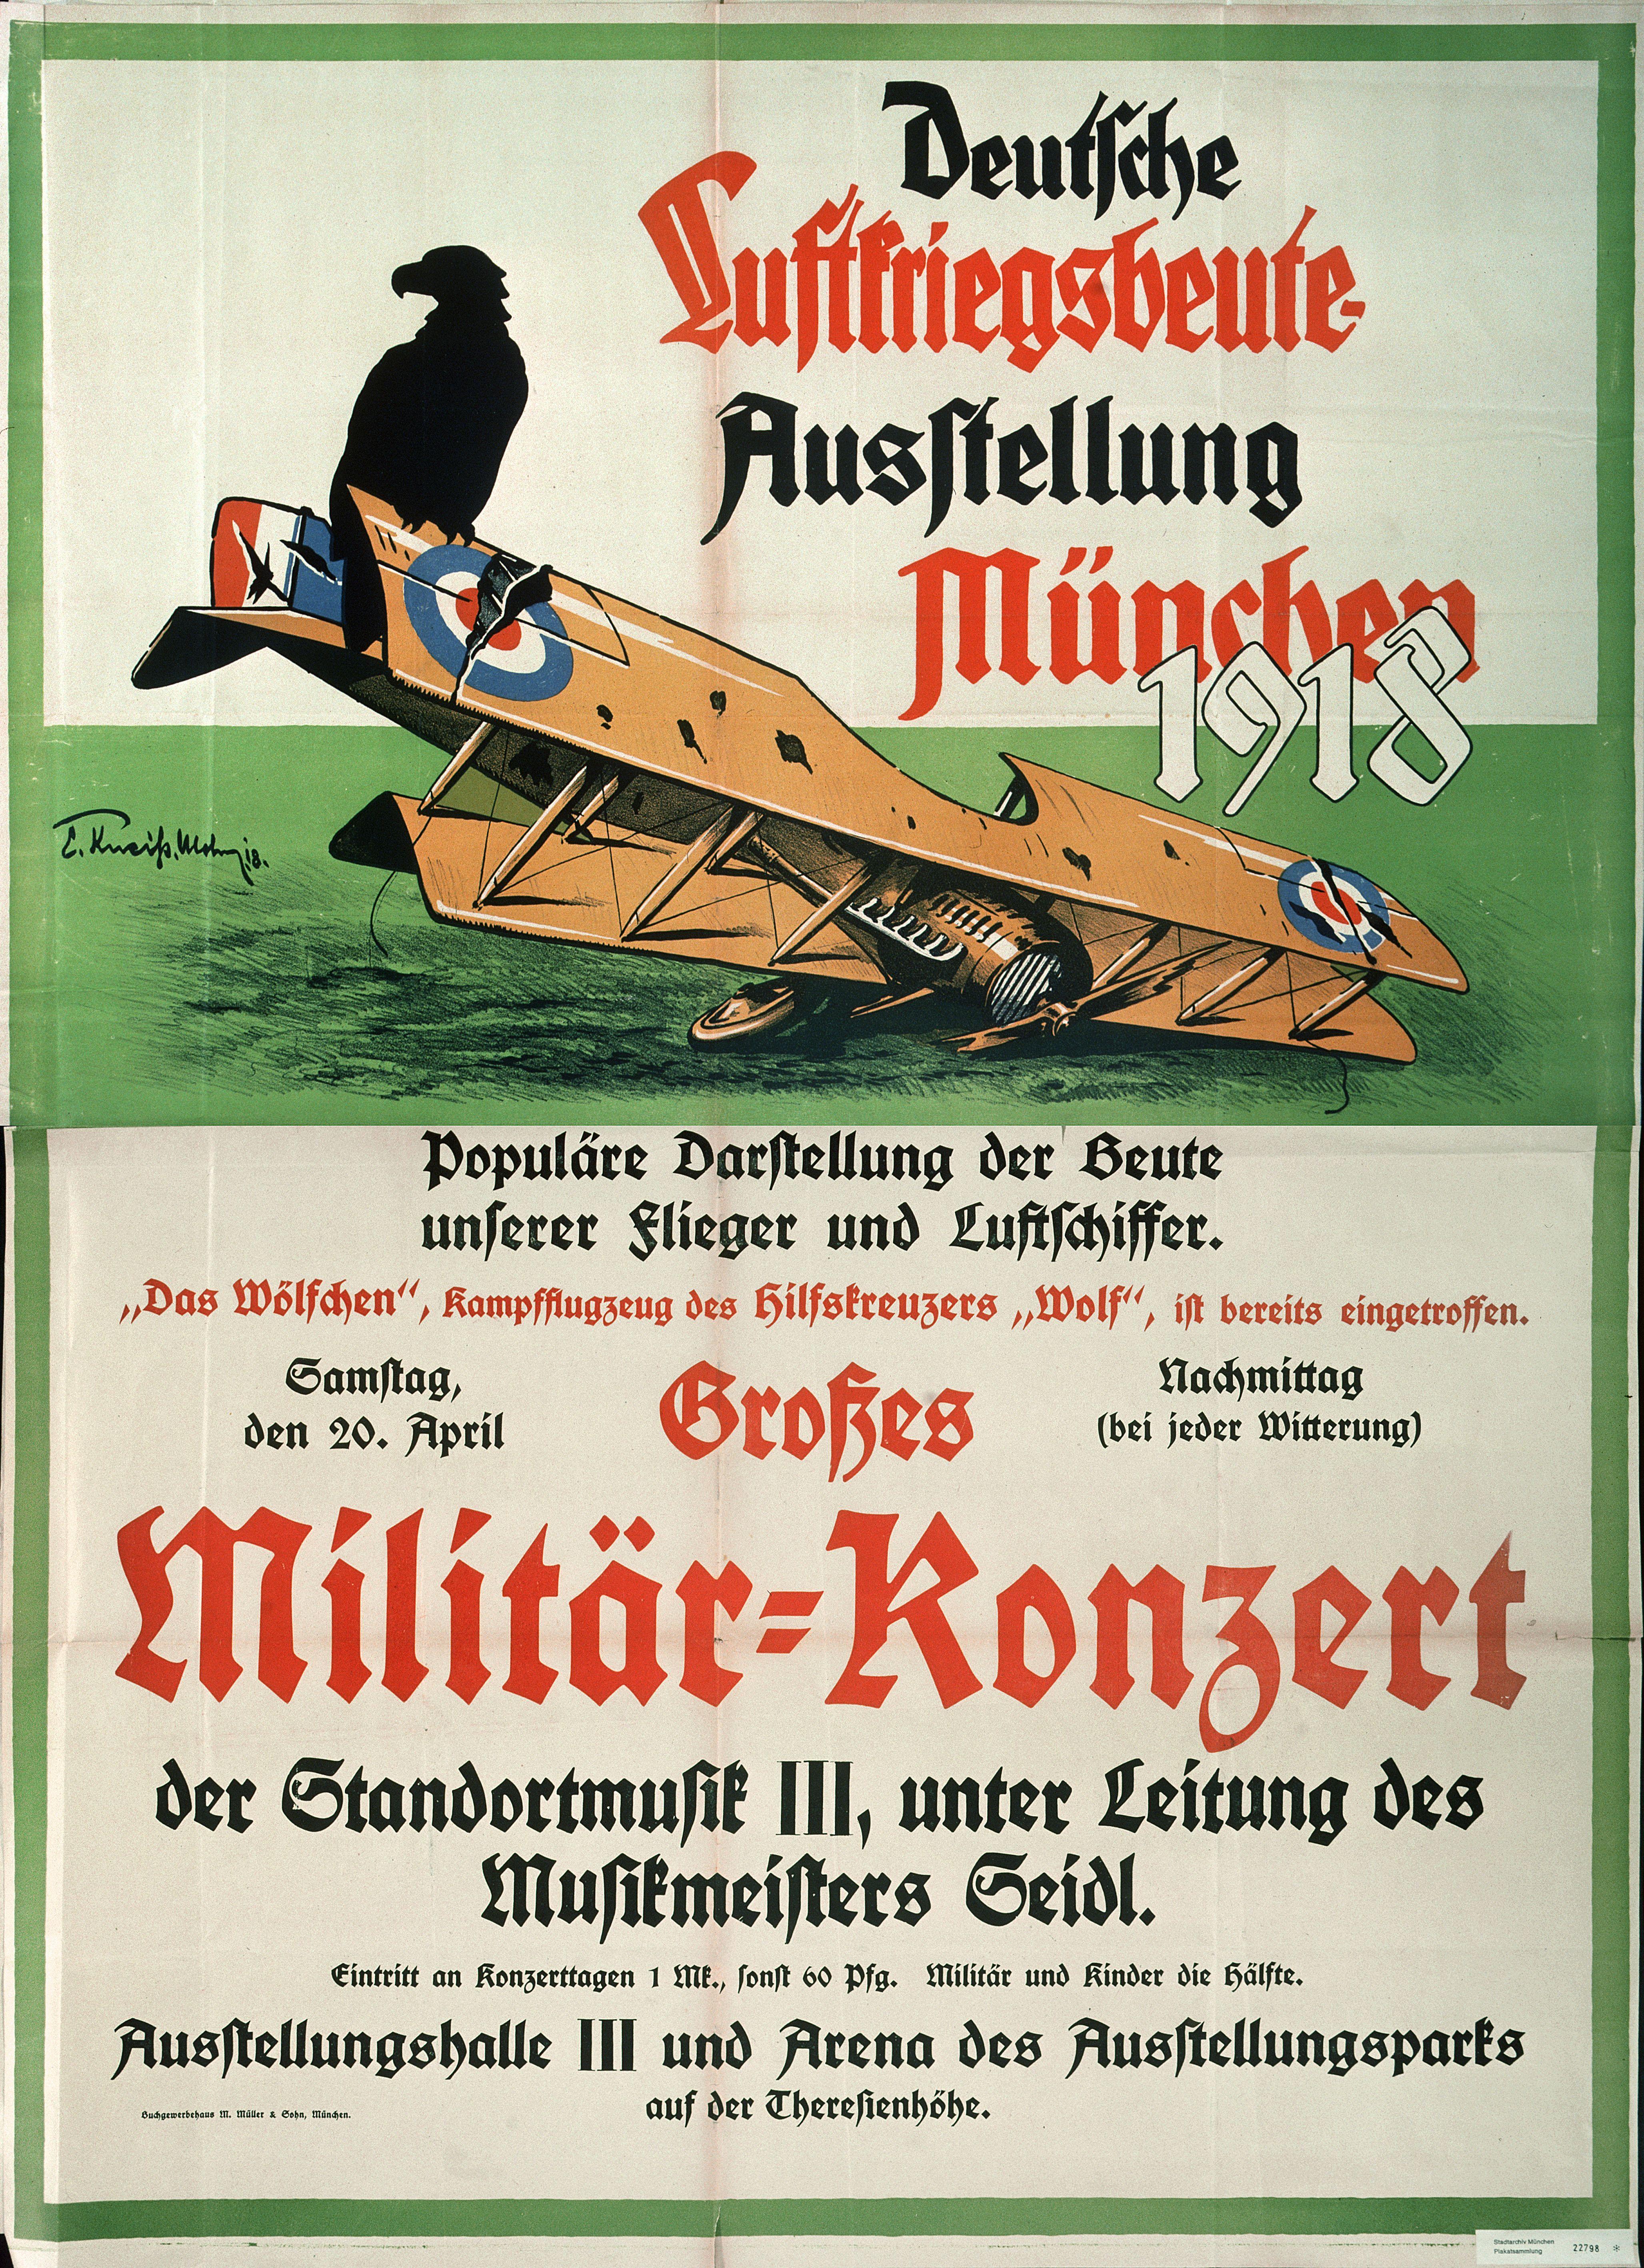 Deutsche Luftkriegsbeuteausstellung München 1918